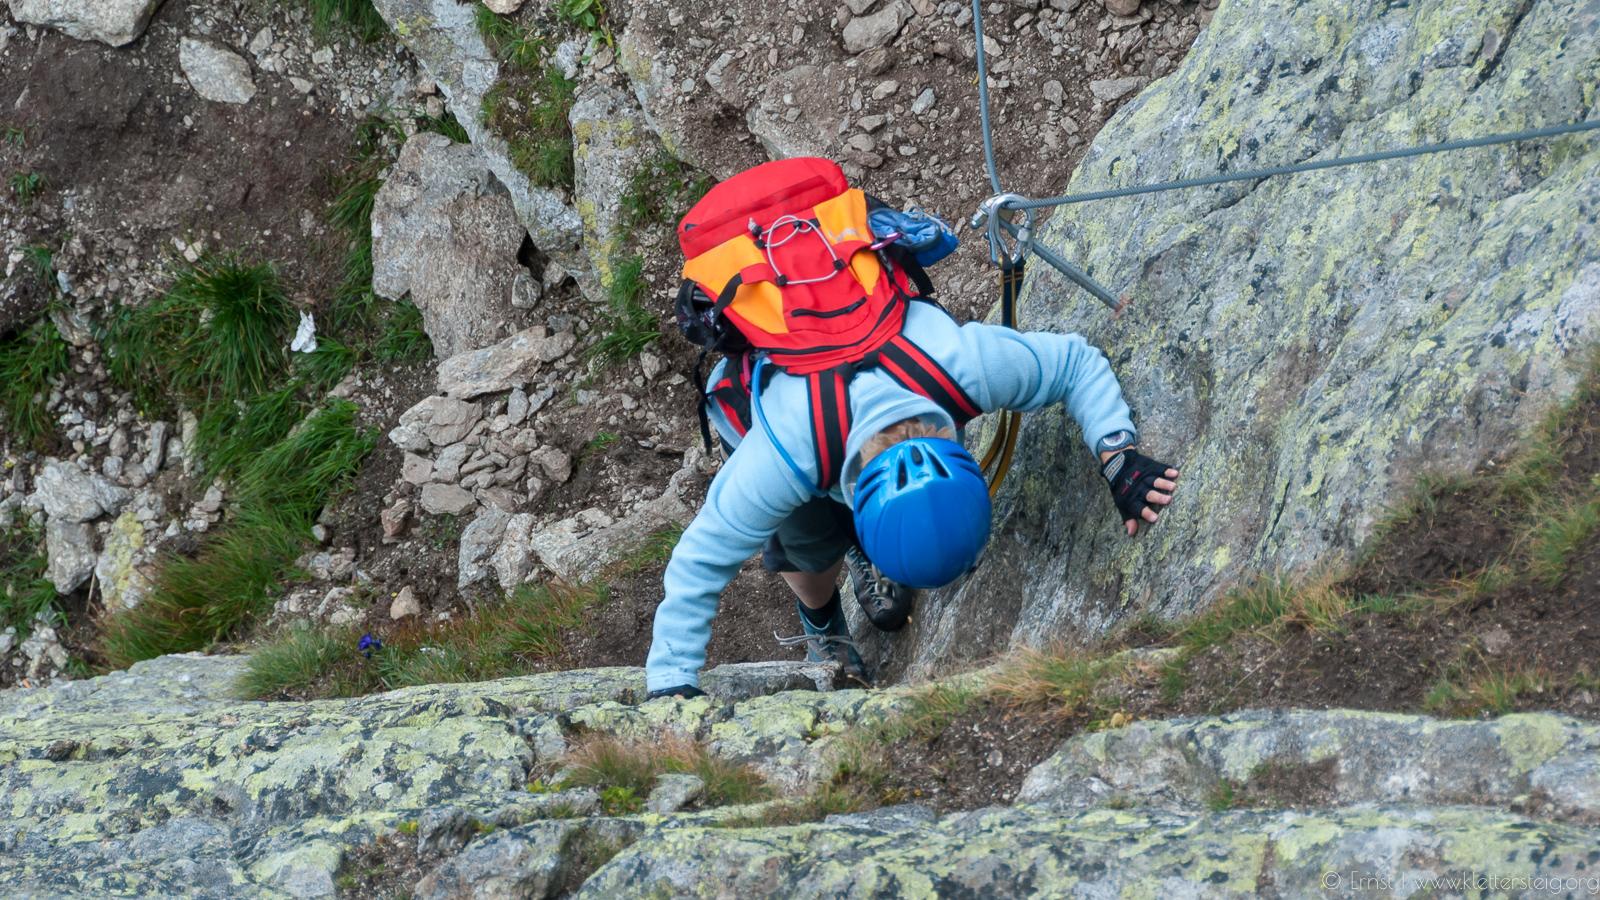 Silvapark Klettersteig Einstiegsbereich